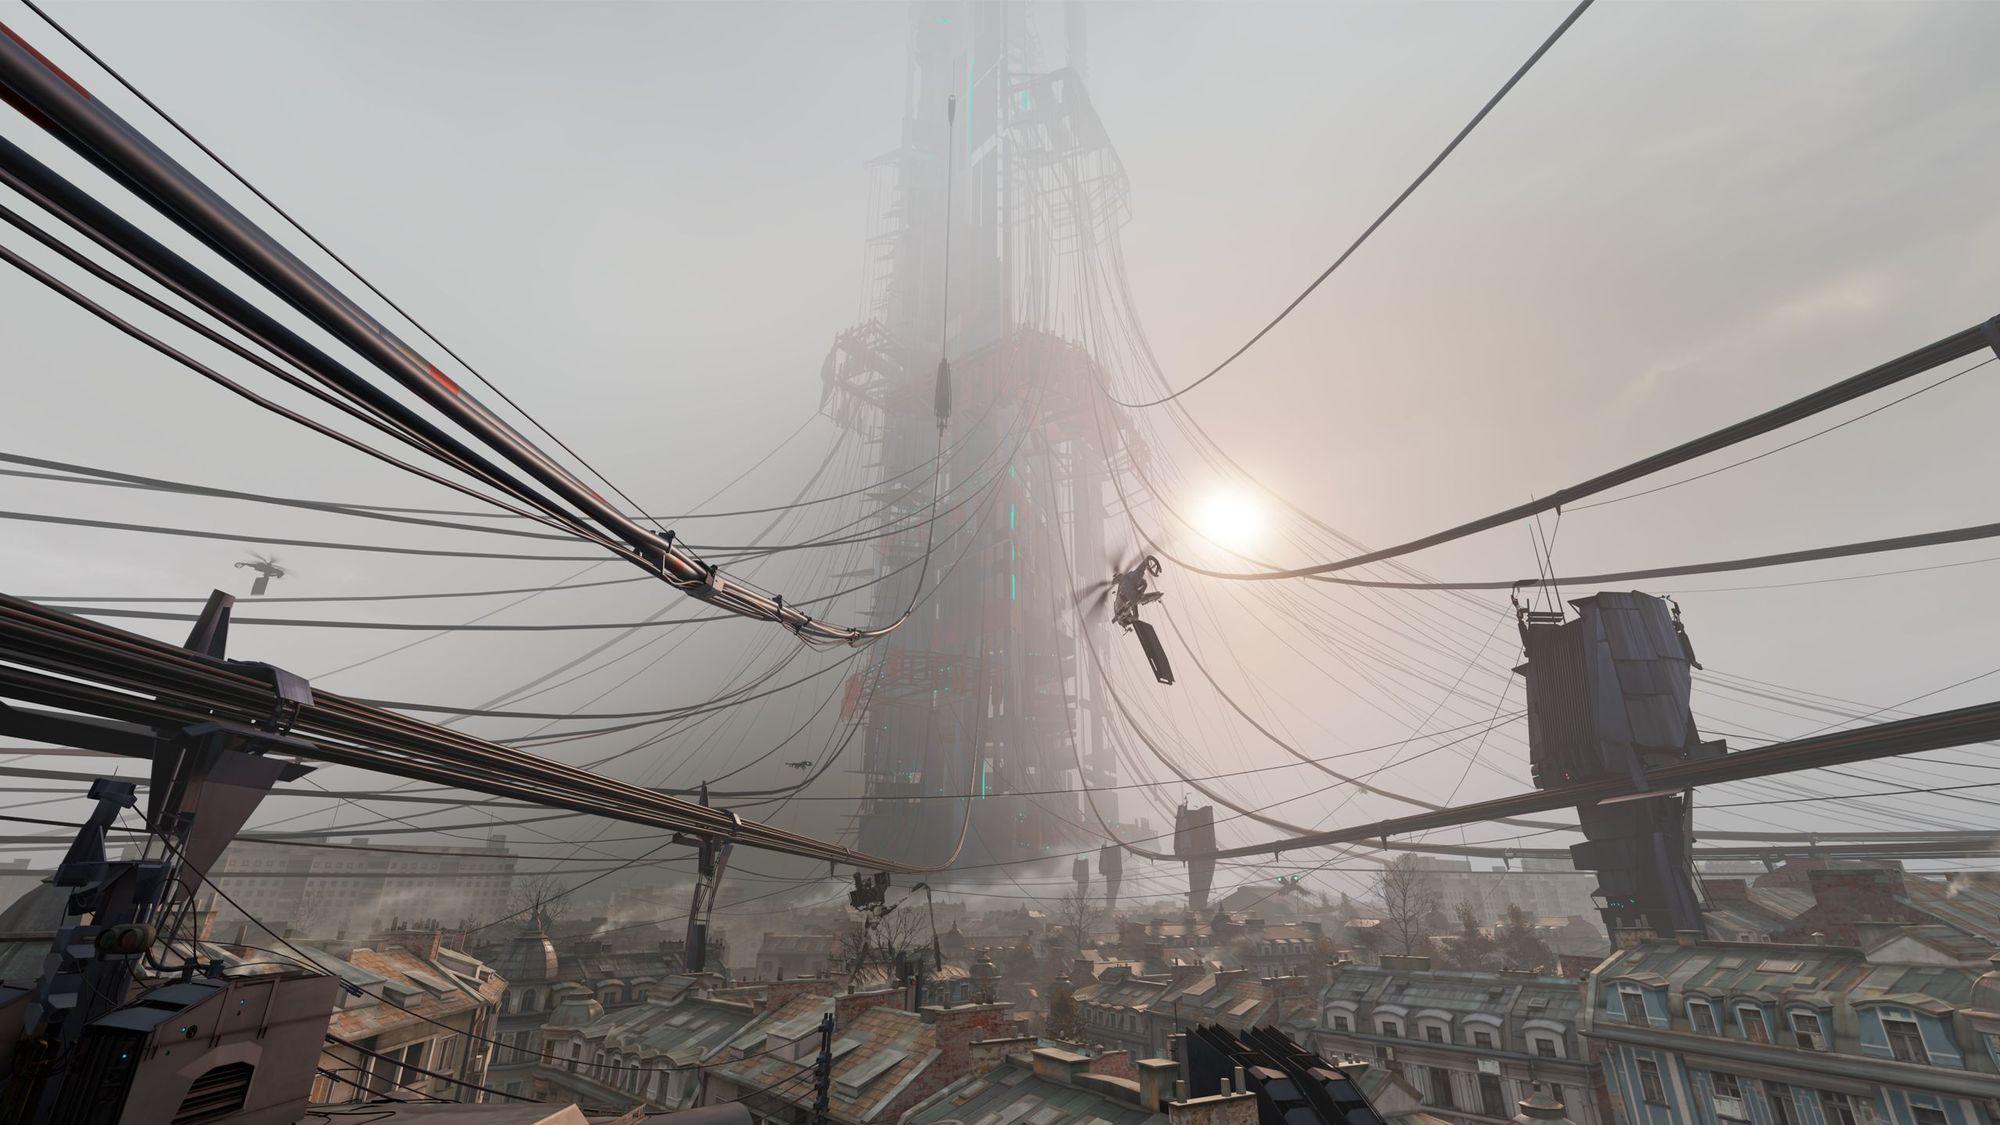 Esnatu egin zara, eta hona hemen Half-Life berriaren jolaseko bideo ofiziala